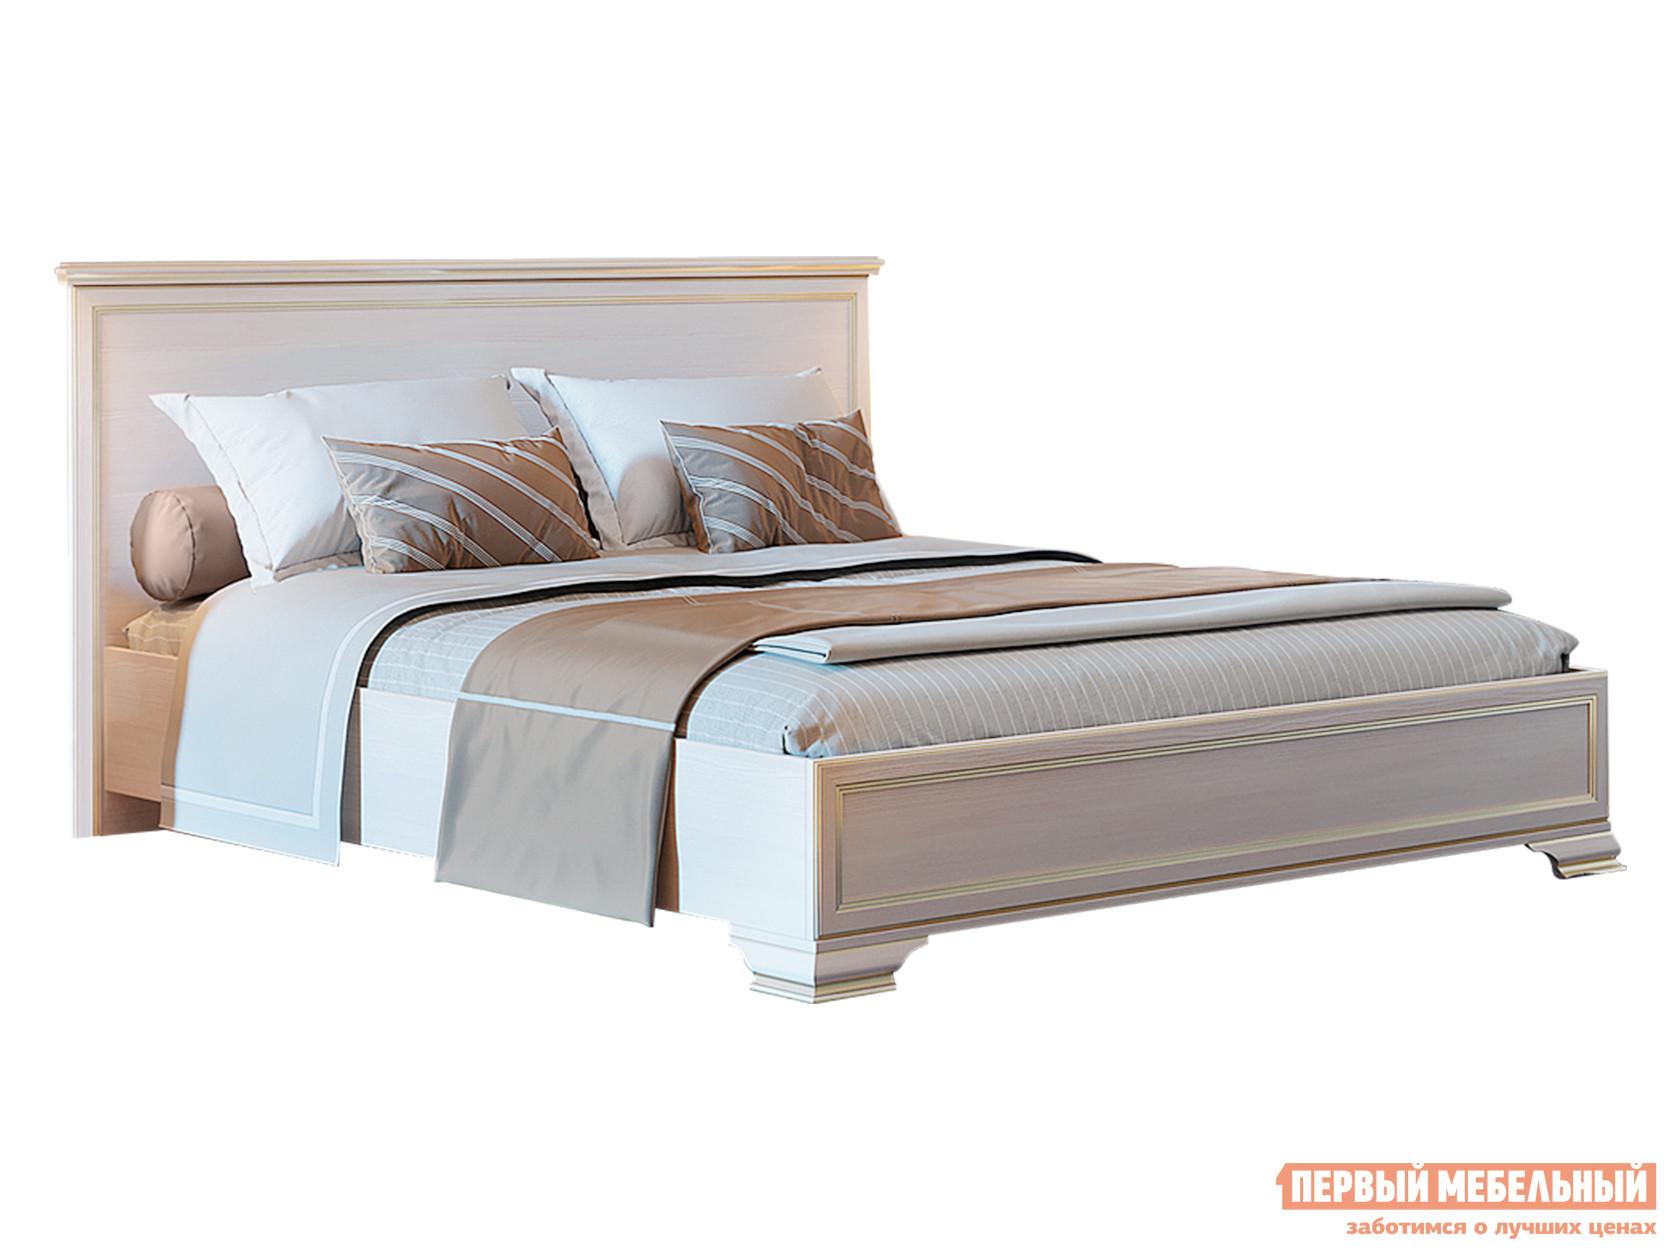 Двуспальная кровать  Кровать с подъемным механизмом Сиена Бодега белый, патина золото, 160х200 см